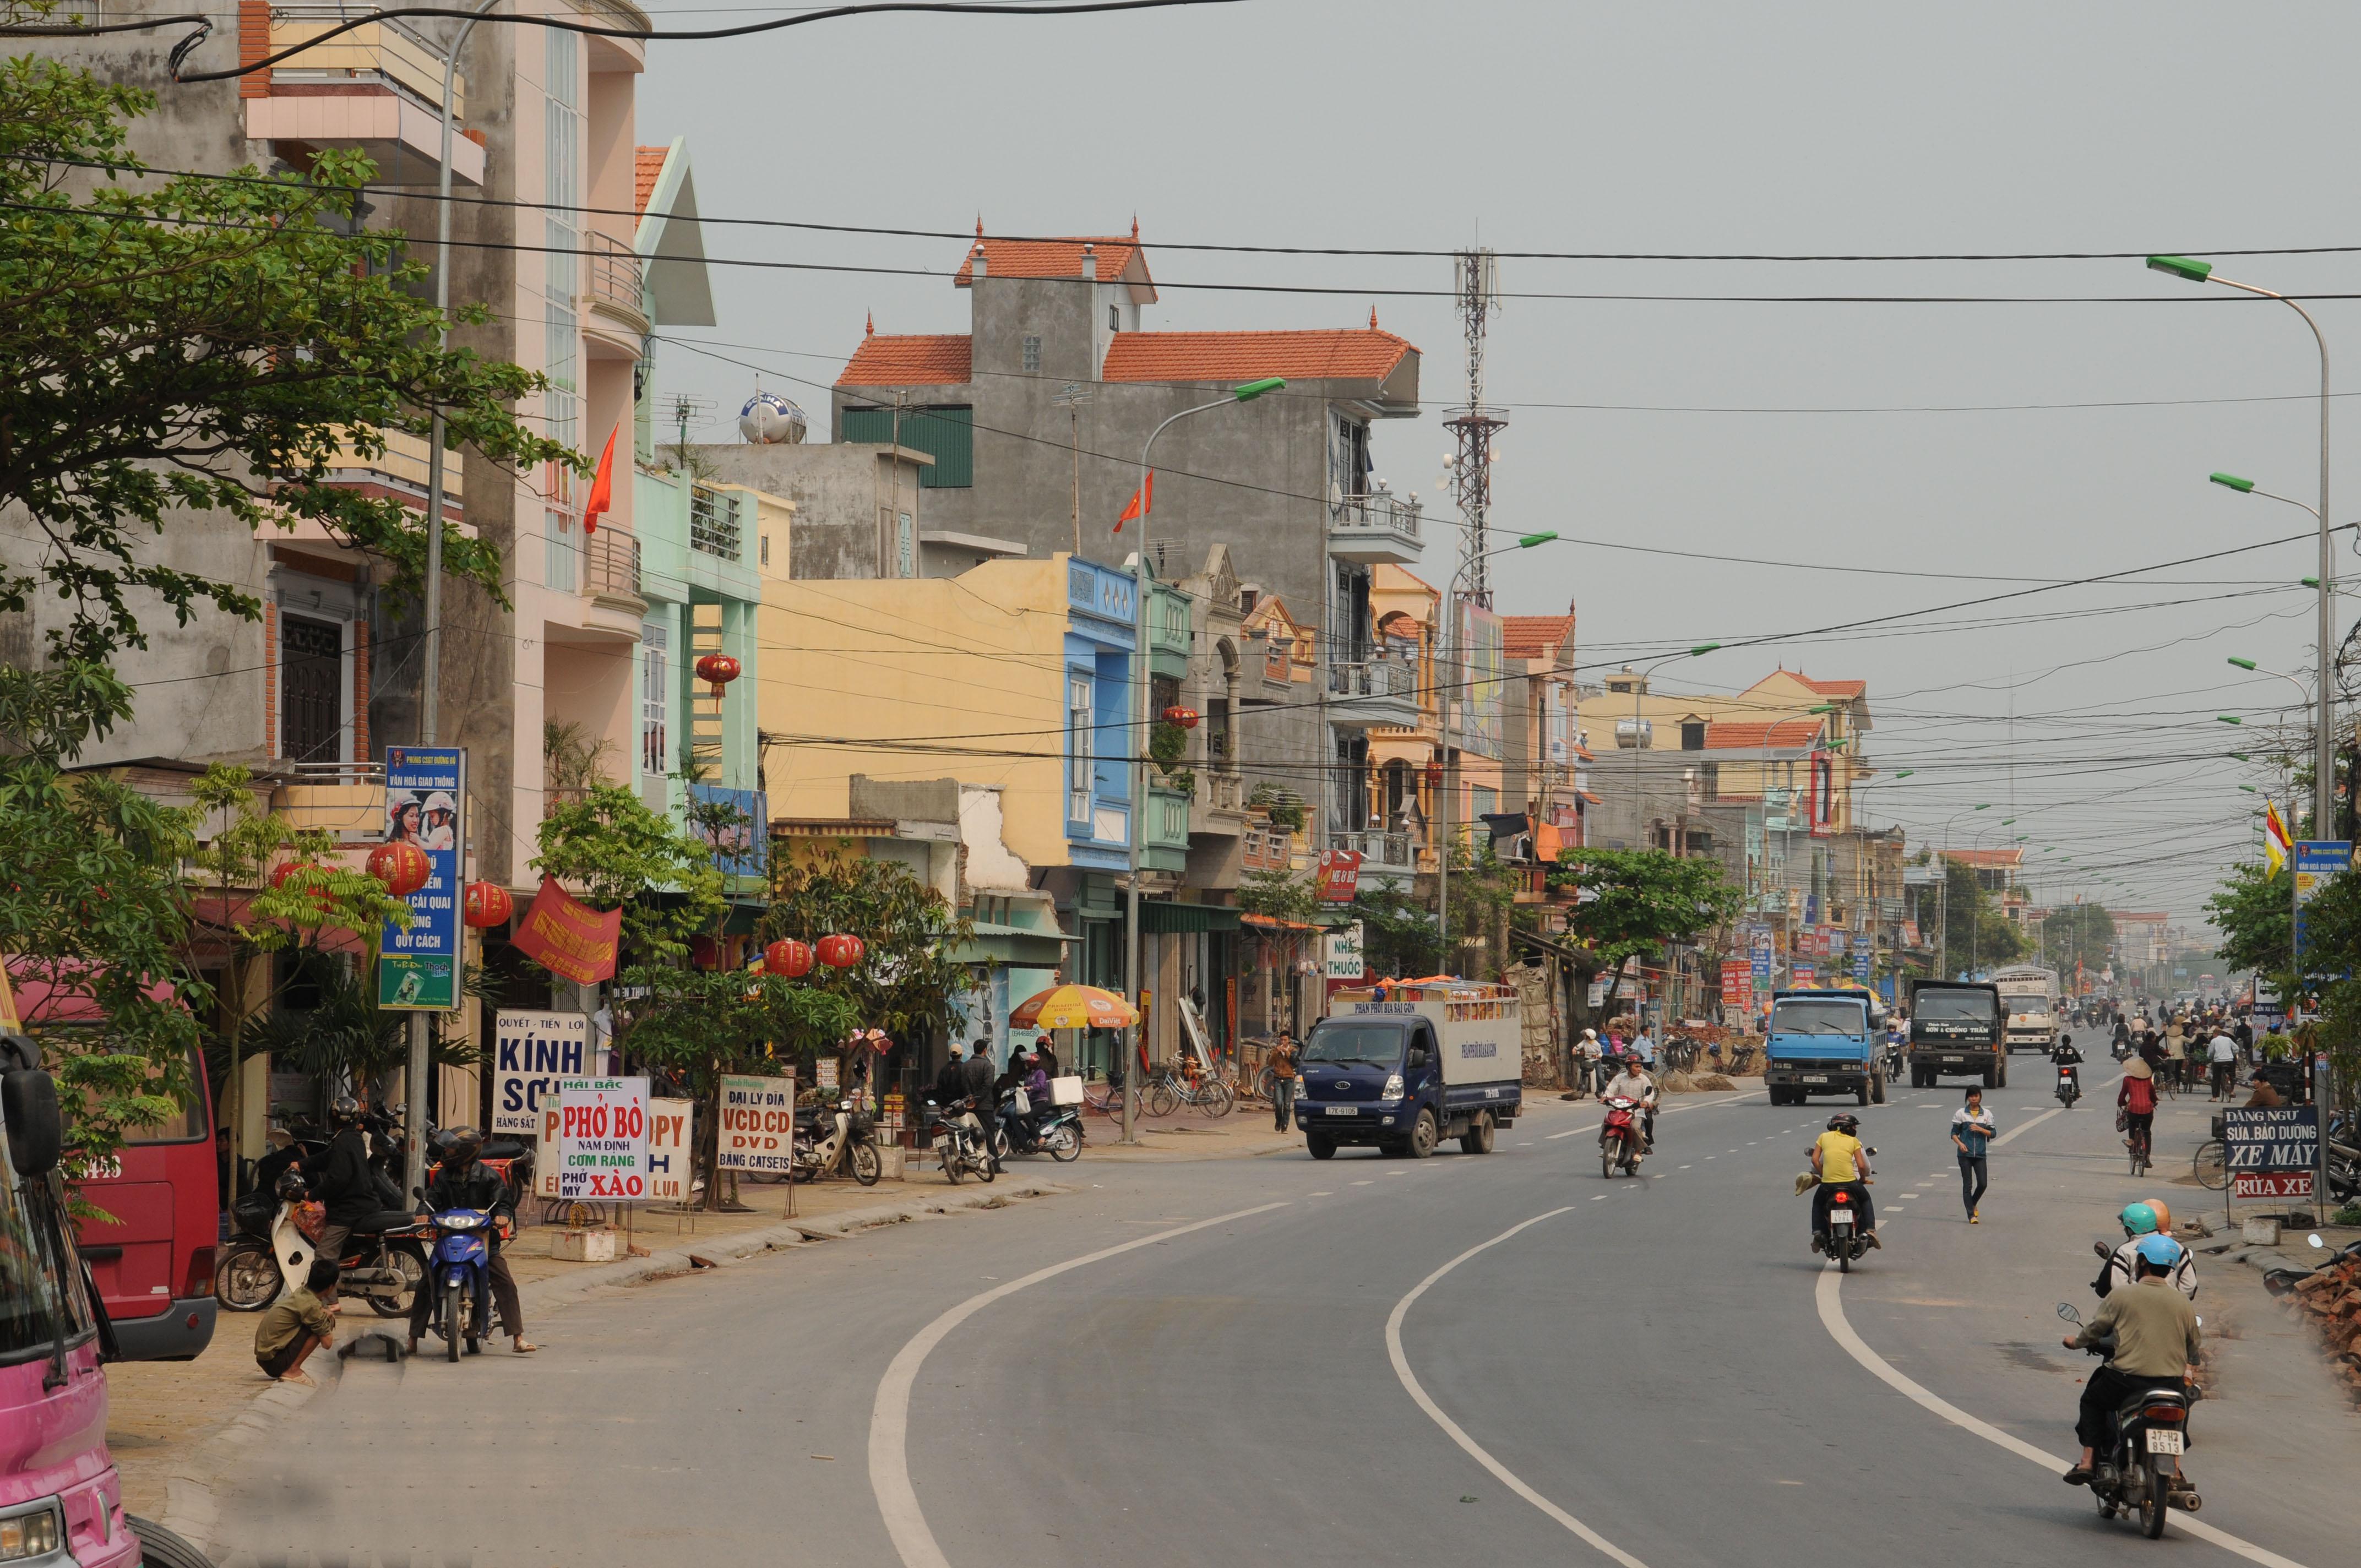 Bán nhớt Motul chính hãng tại Thái Bình